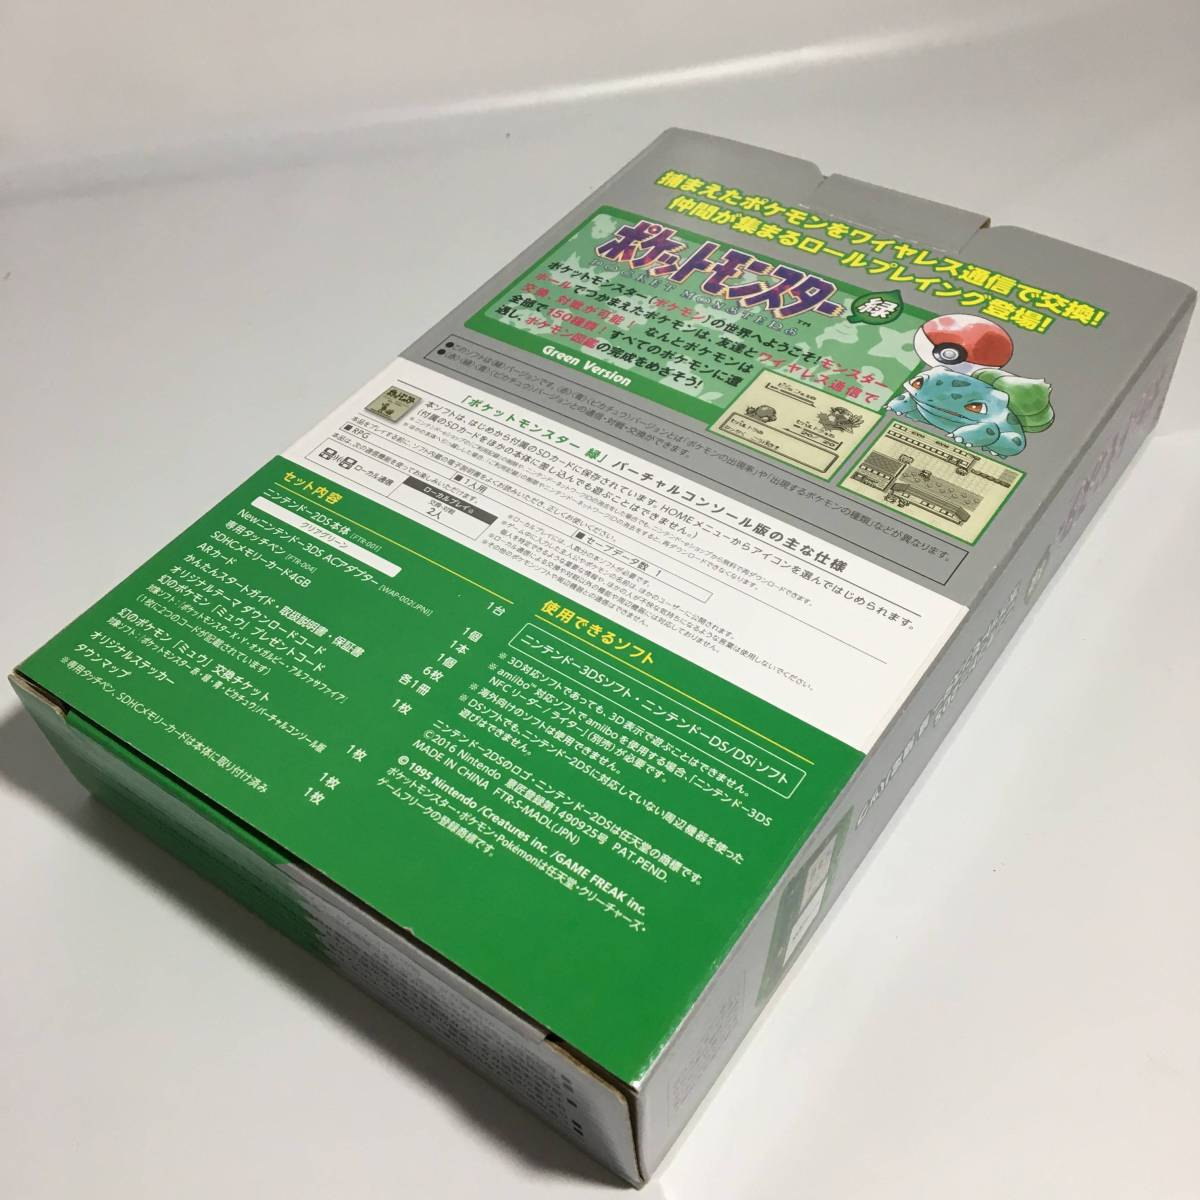 【極美品】ニンテンドー2DS ポケモン 緑 限定パック ARカード未開封 ステッカー未使用 クリアグリーン 3DS 本体 ソフト セット ll_画像7